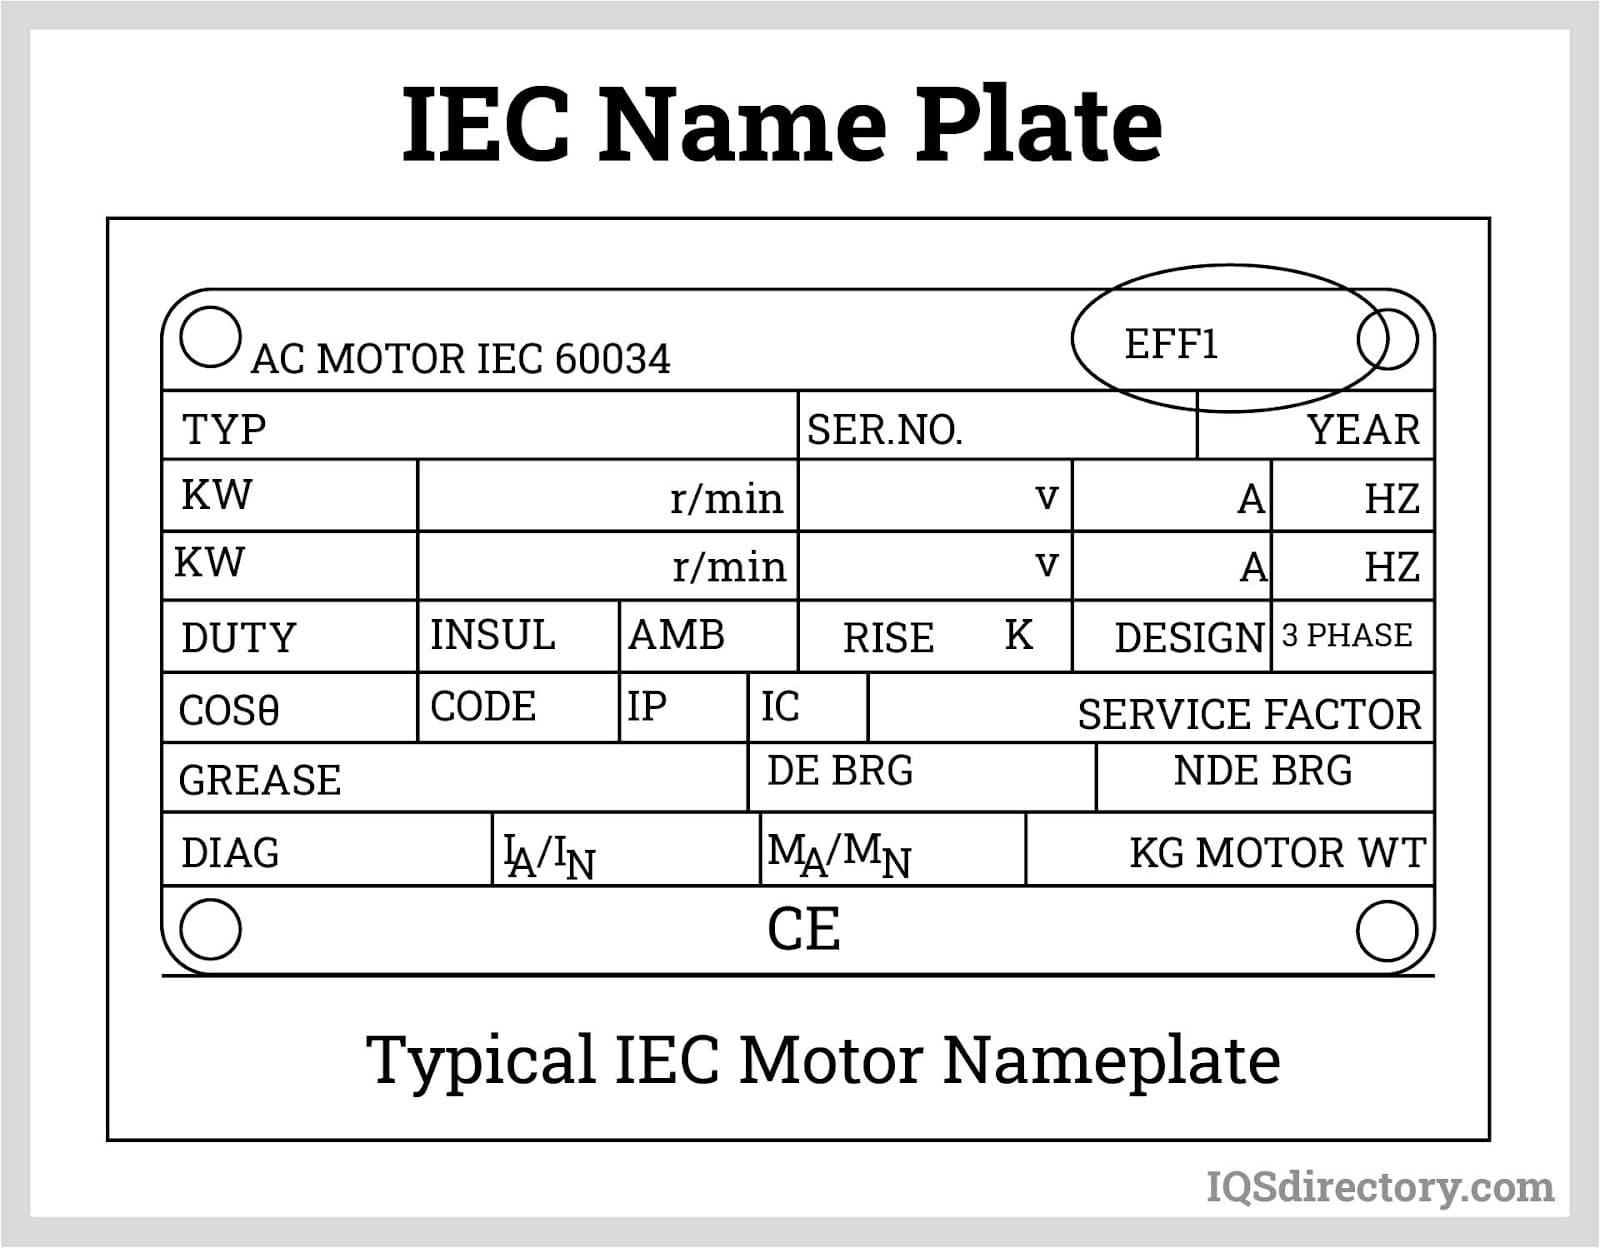 IEC Name Plate